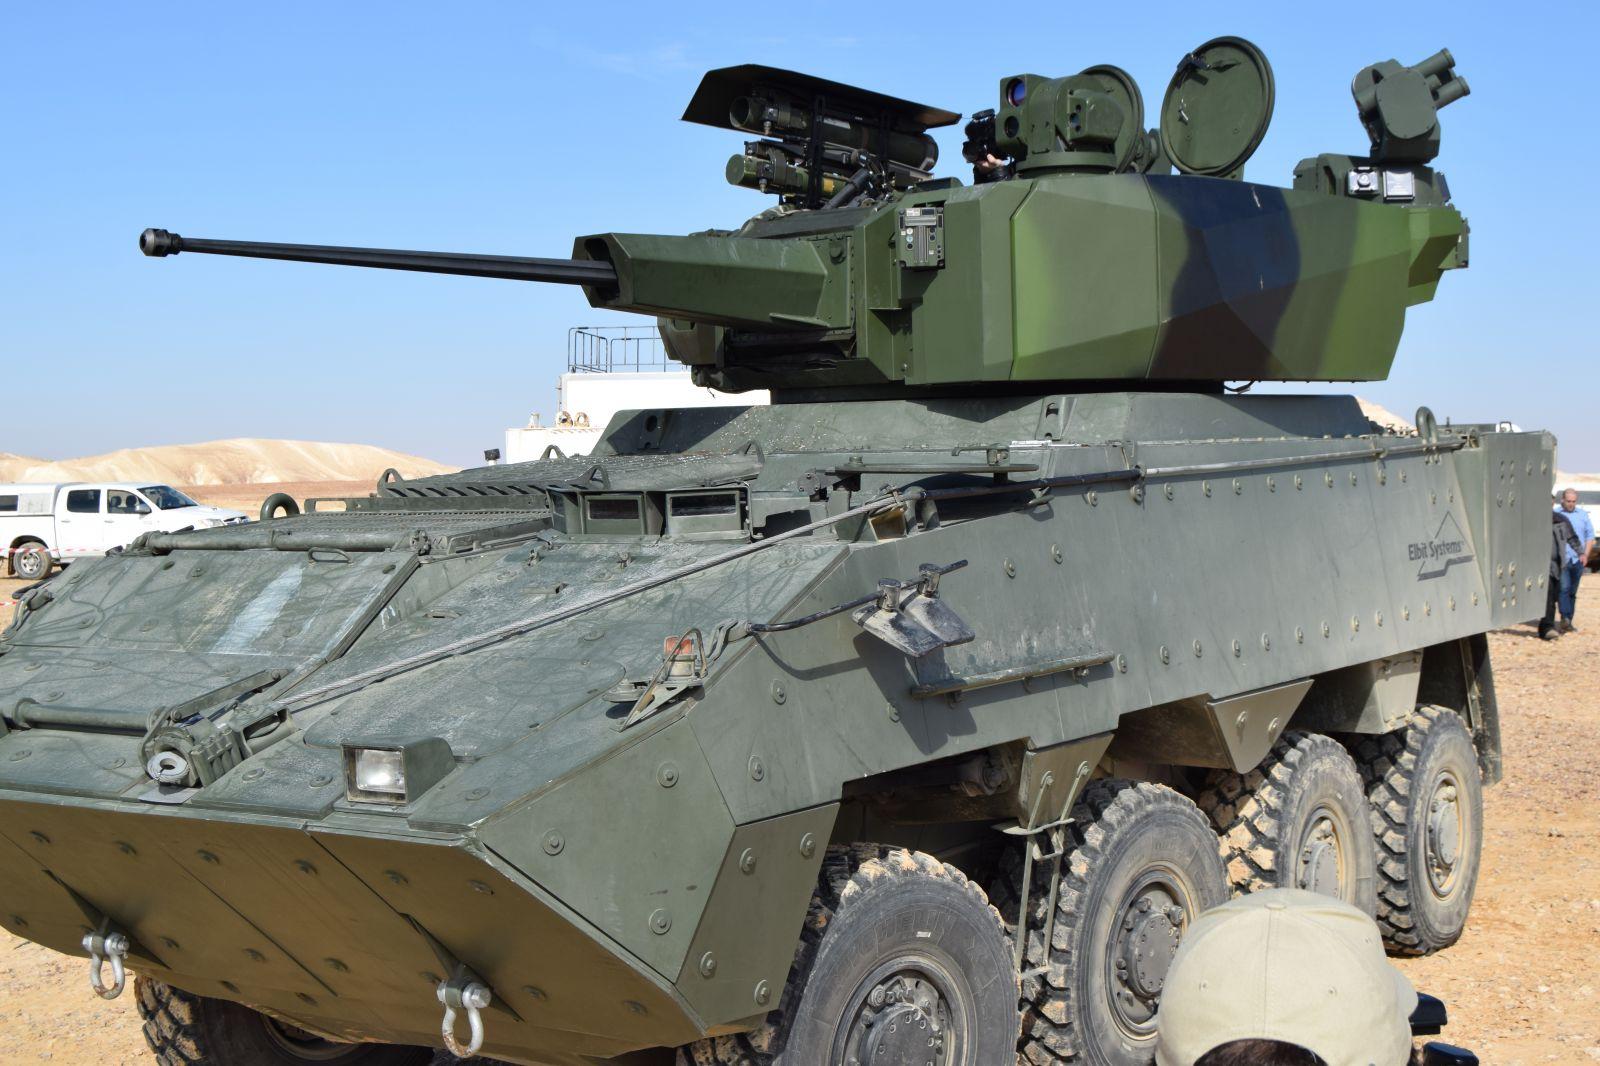 Elbit демонстрира куполът MT30 Mk II в конфигурацията предложена за новите български бойни машини (ЕКСКЛУЗНА ОРЪЖЕЙНА ГАЛЕРИЯ)